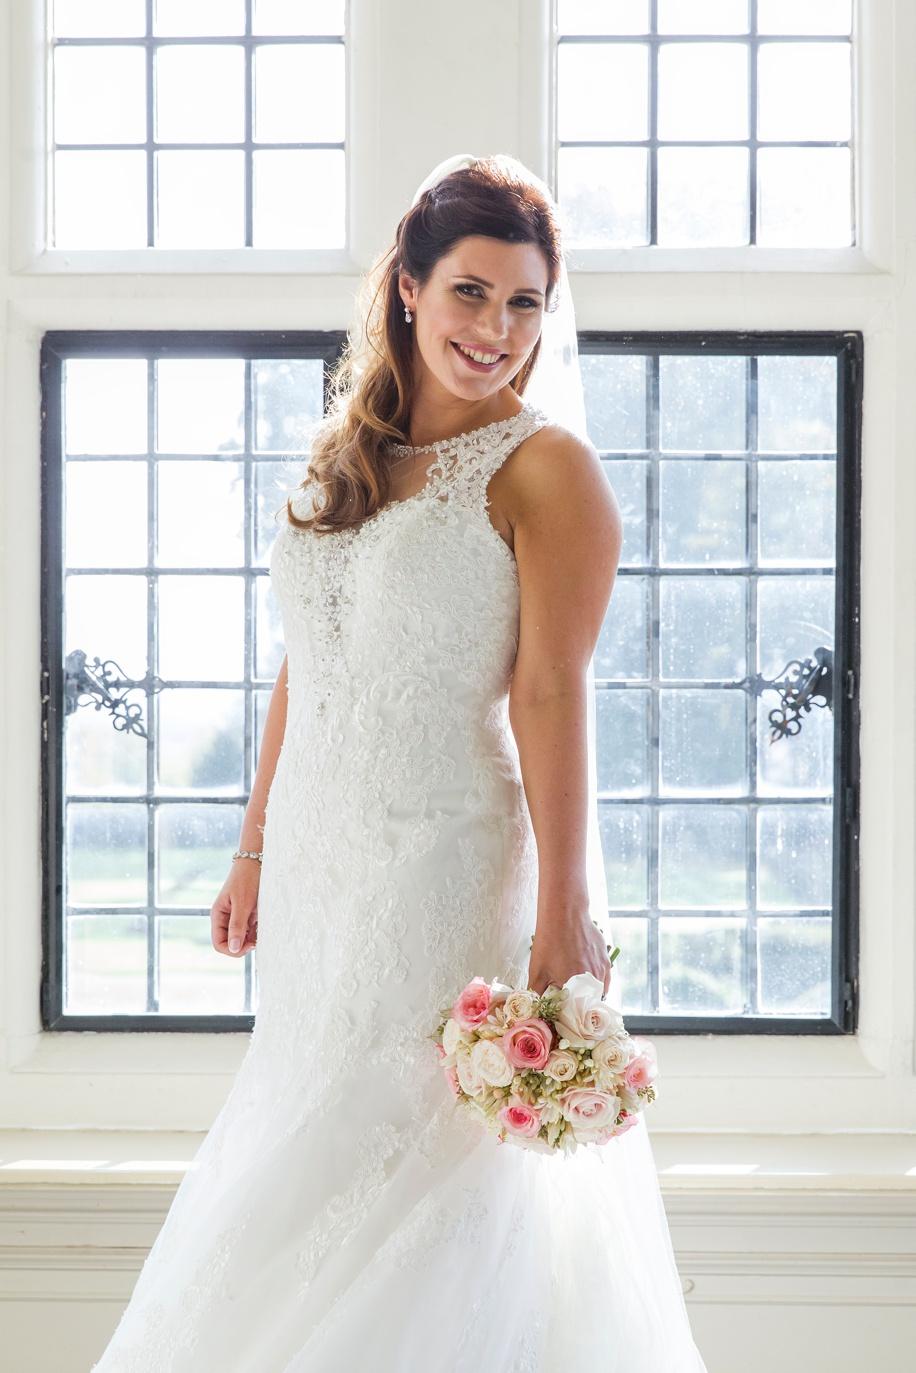 Rhinefield House wedding - Beautiful Bridal portrait